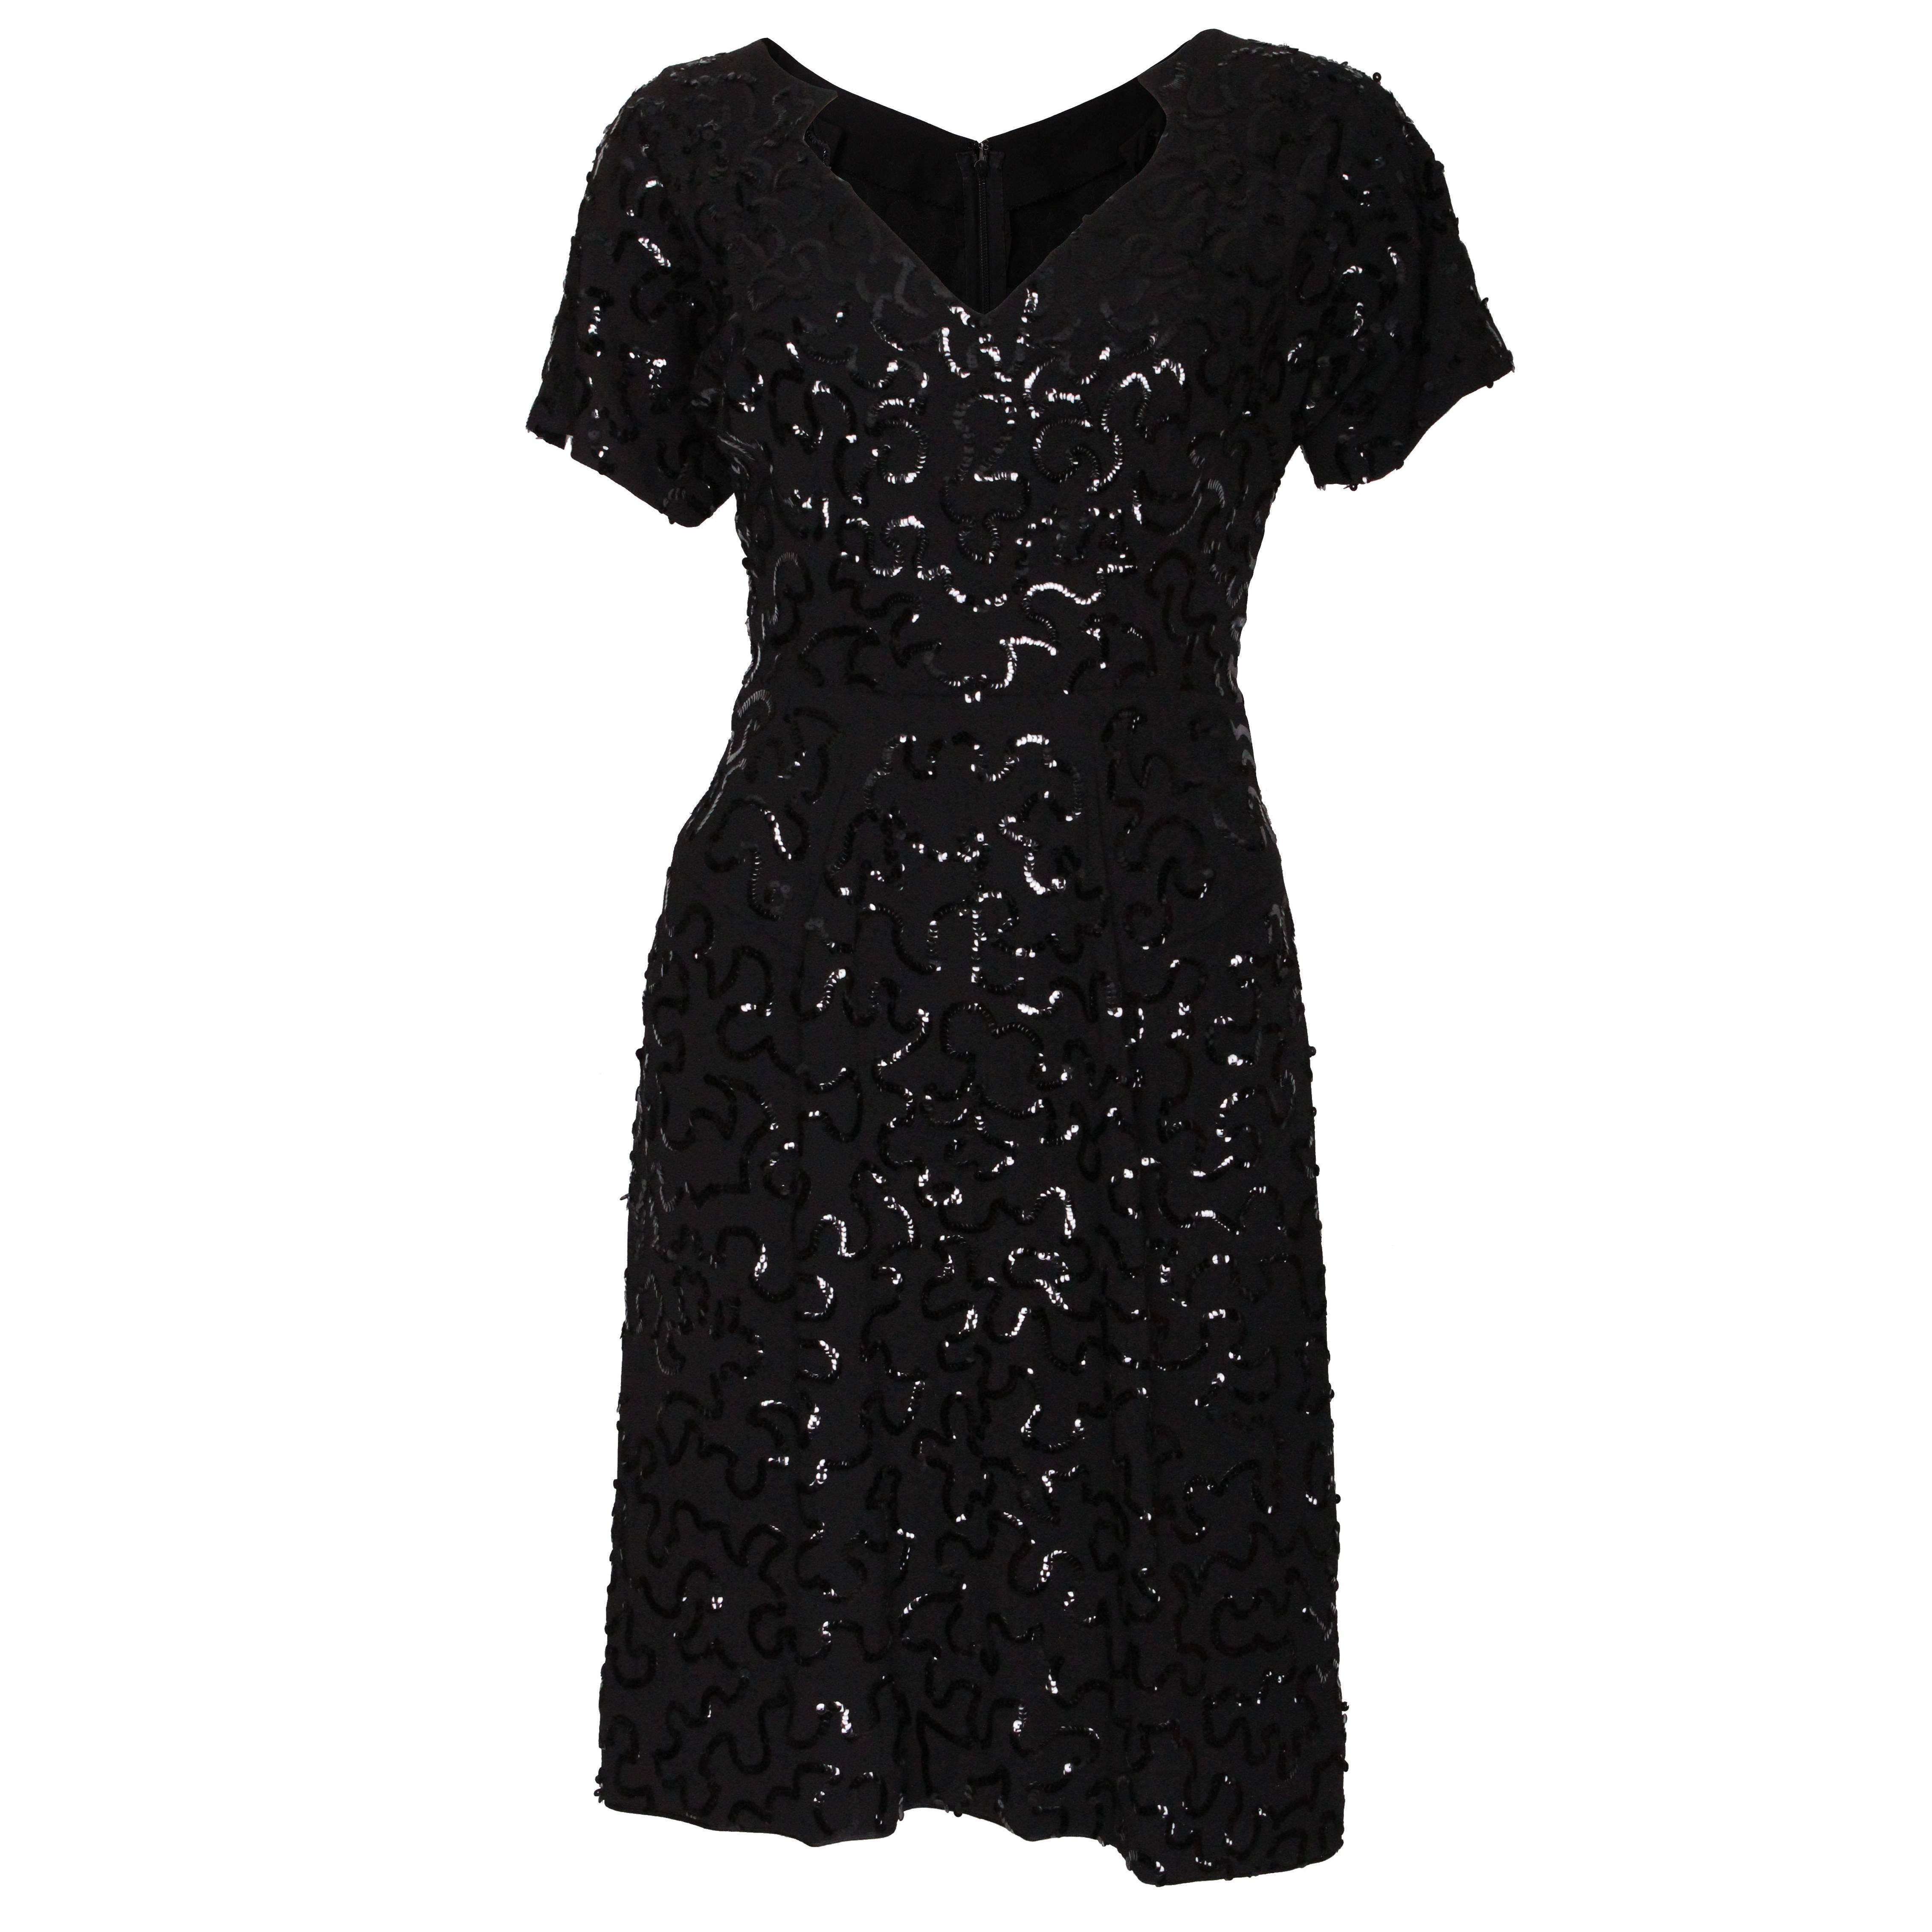 A Vintage 1940s Jeanne Paquin Sequin black Cocktail Dress